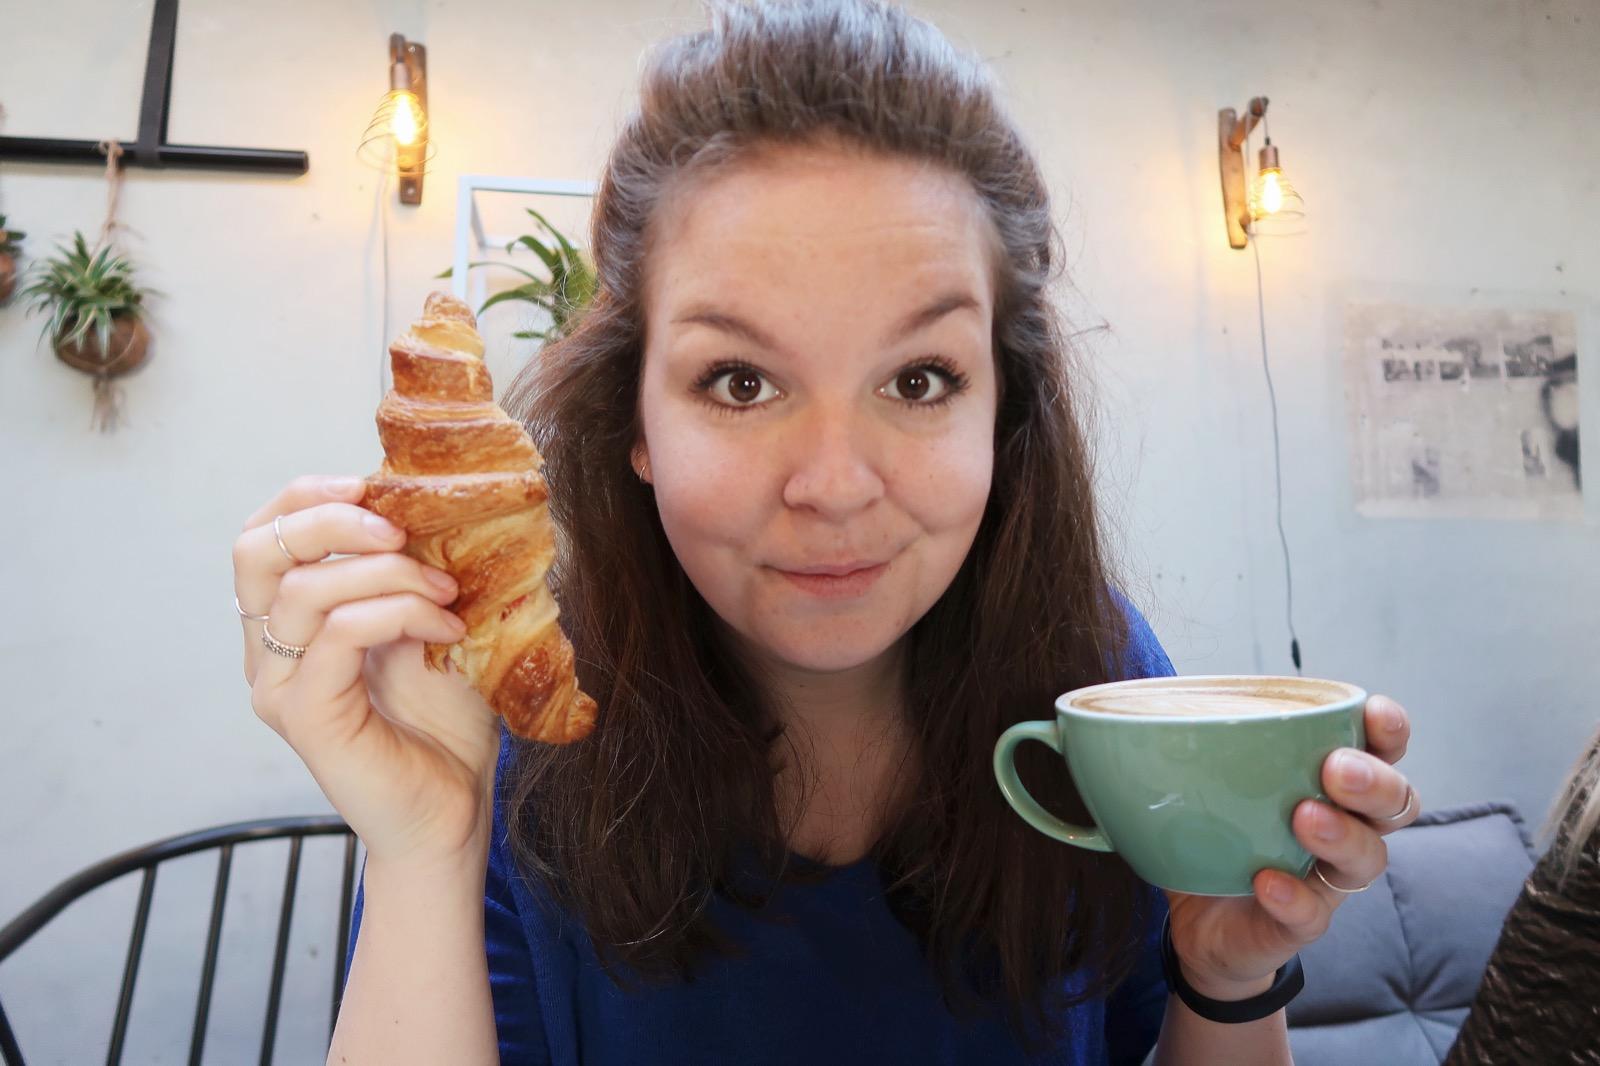 Wat ik eet en drink in 2 dagen (video #2)